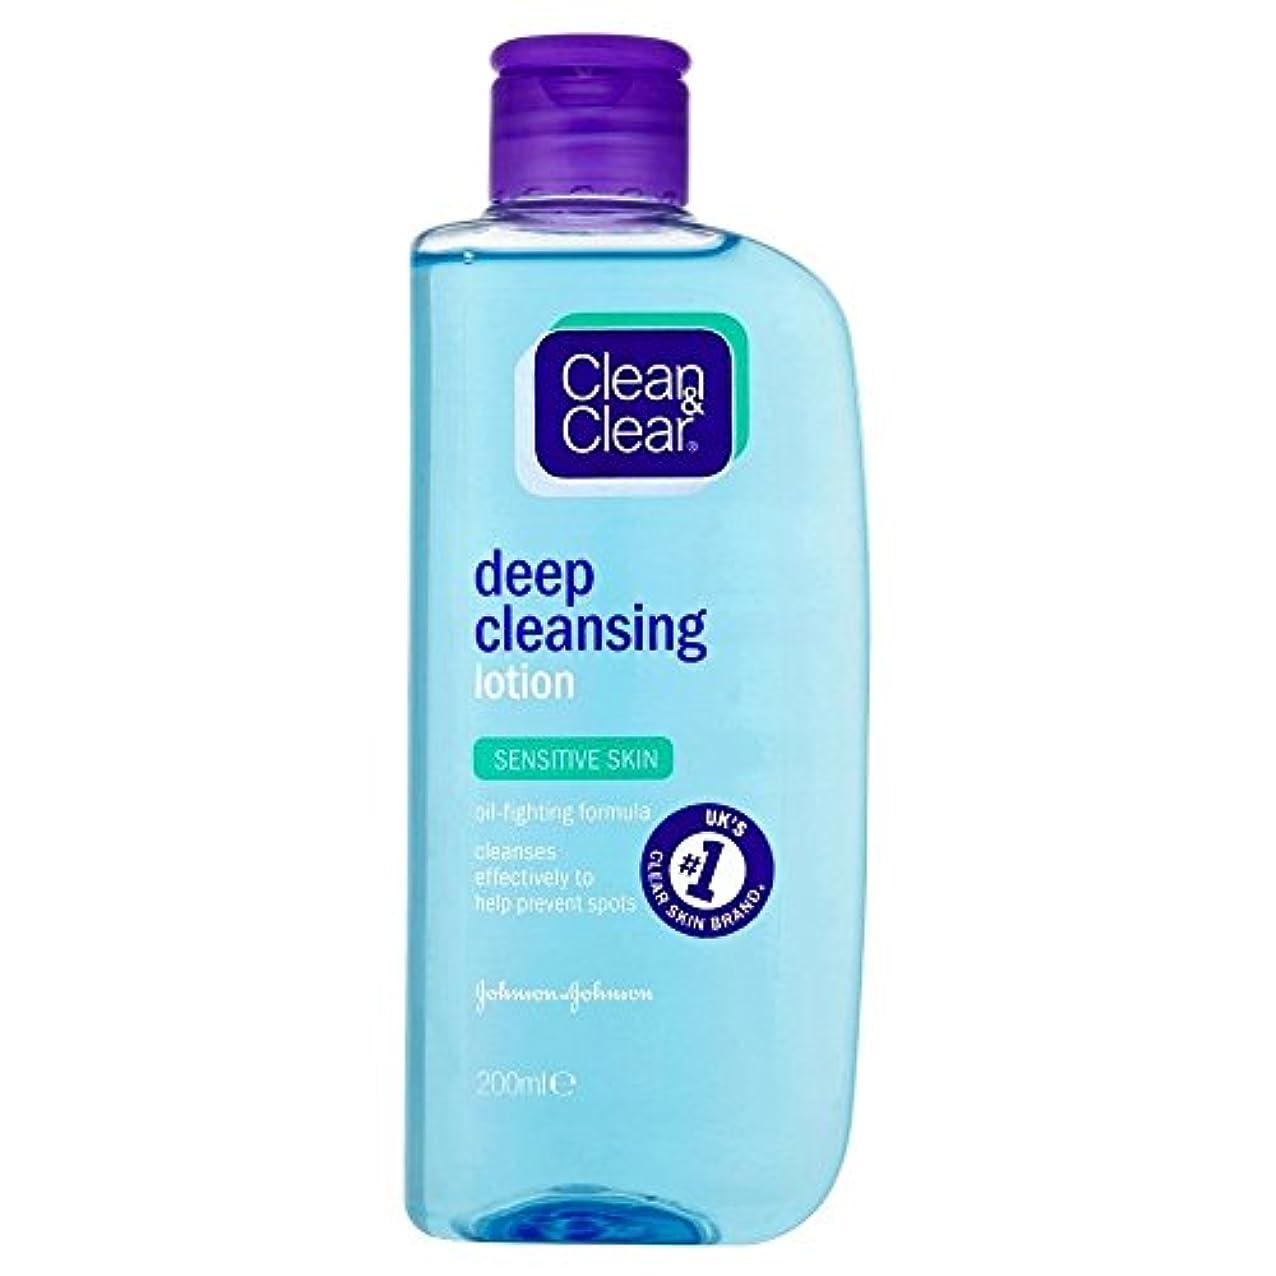 不従順怪しい変更可能Clean & Clear Deep Cleansing Lotion - Sensitive (200ml) クリーンで明確なディープクレンジングローション - 感受性( 200ミリリットル) [並行輸入品]